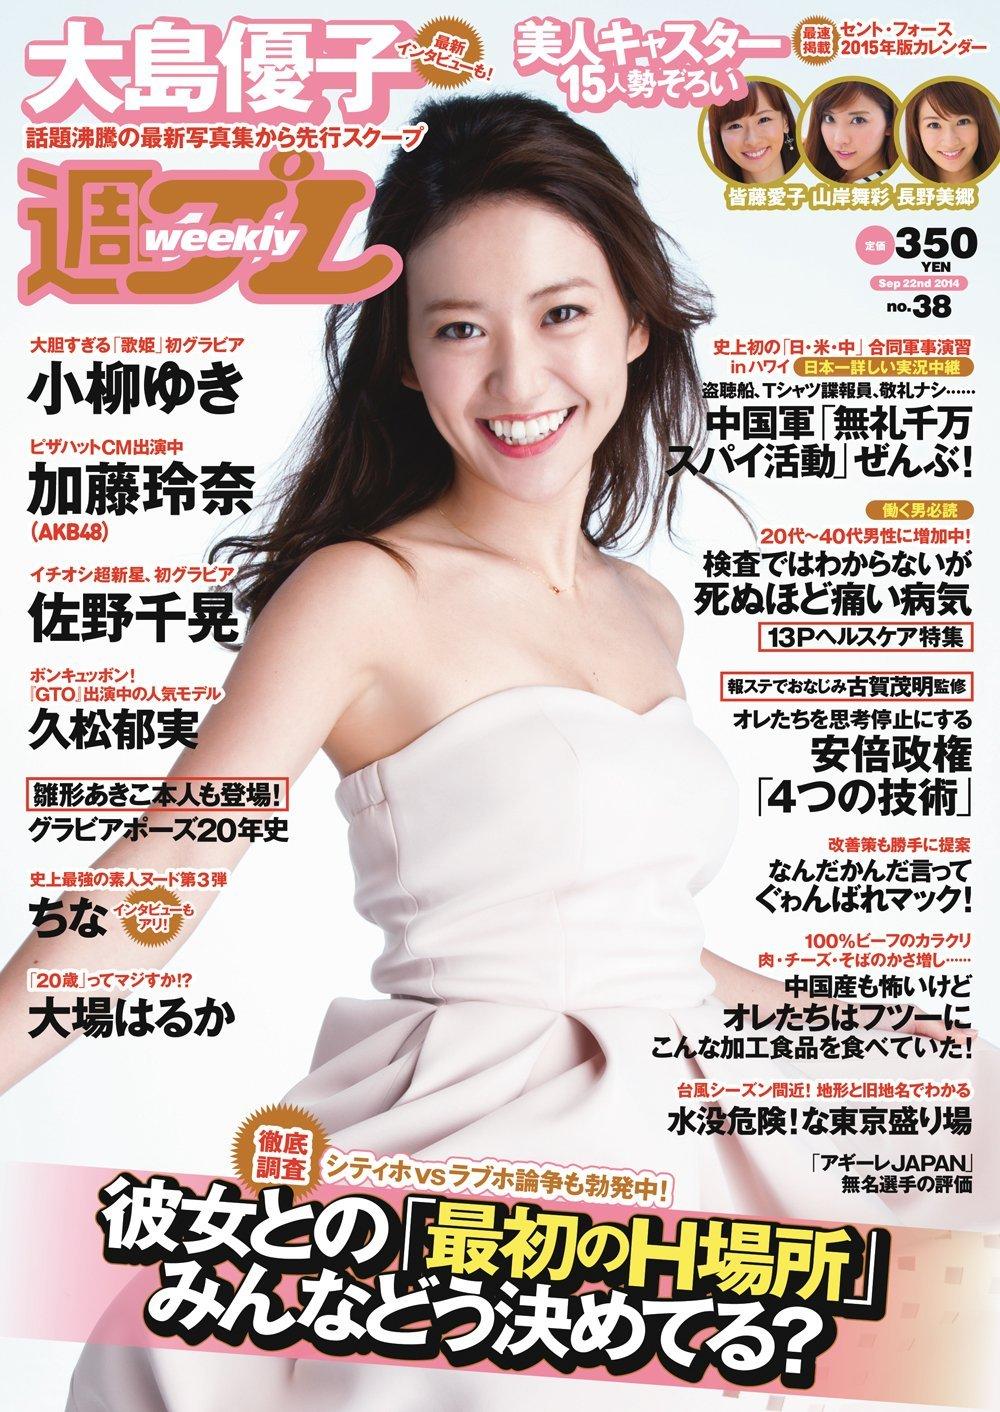 大島優子 週プレ表紙